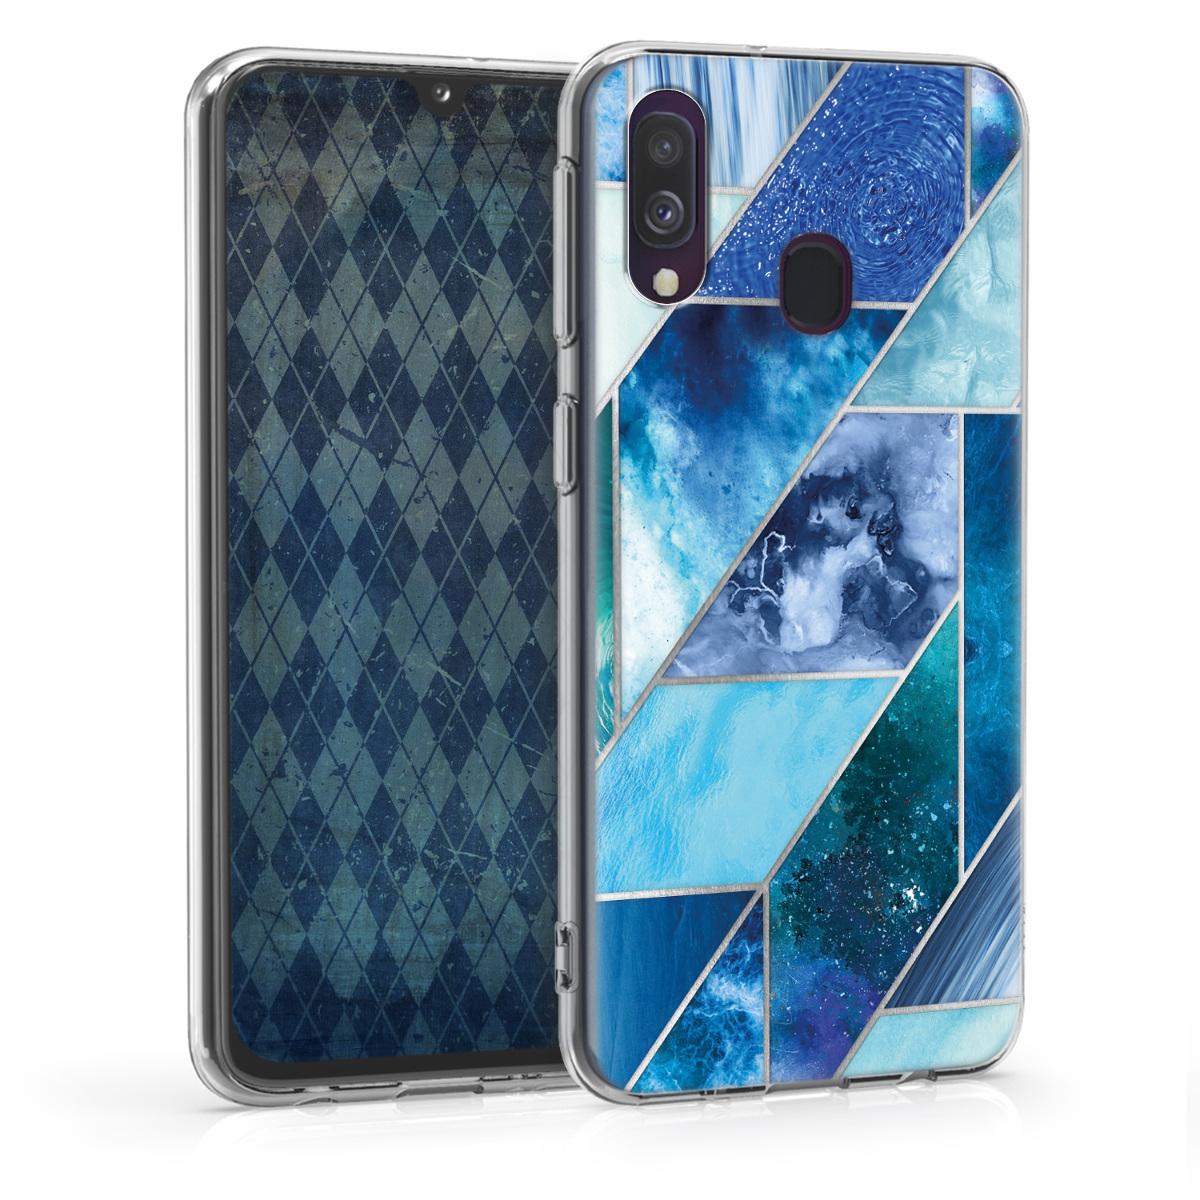 Kvalitní silikonové TPU pouzdro pro Samsung A40 - Geometrické vzory modré / tyrkysové / stříbrné